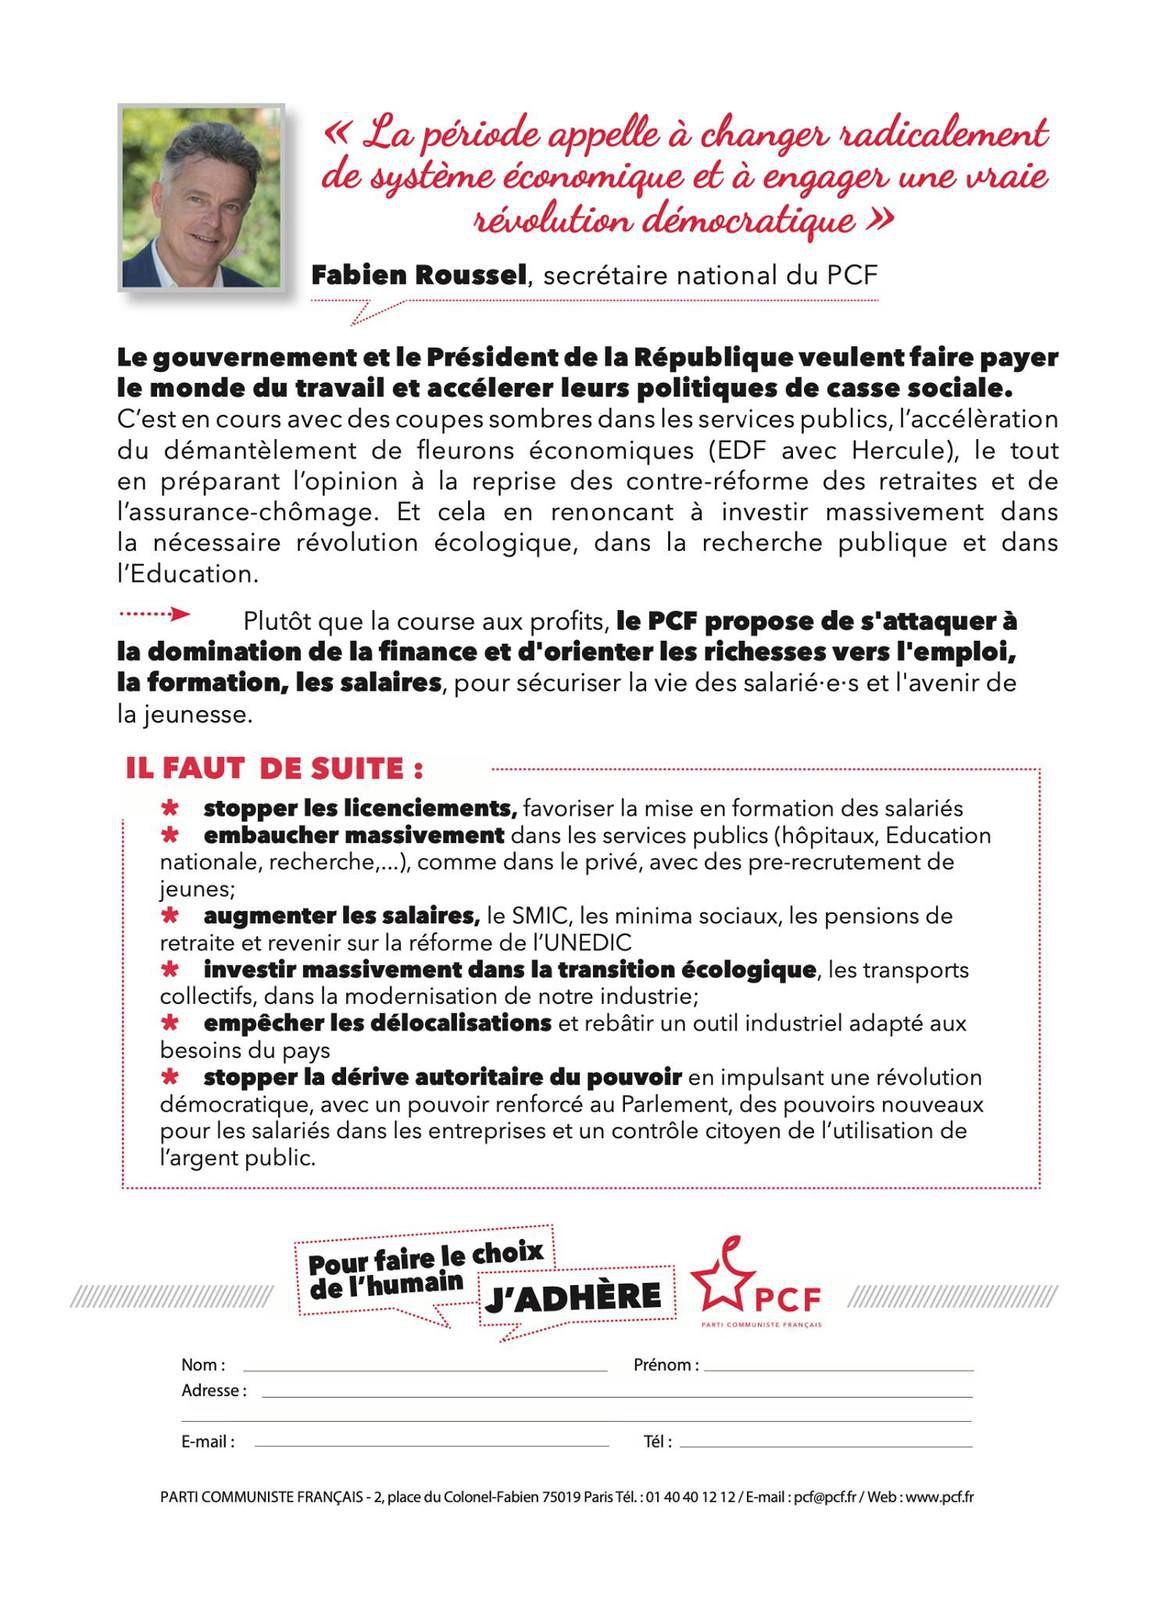 Le 4 février 2021 - Manifestons avec les syndicats: de l'argent pour les salaires, pas pour les actionnaires (PCF)